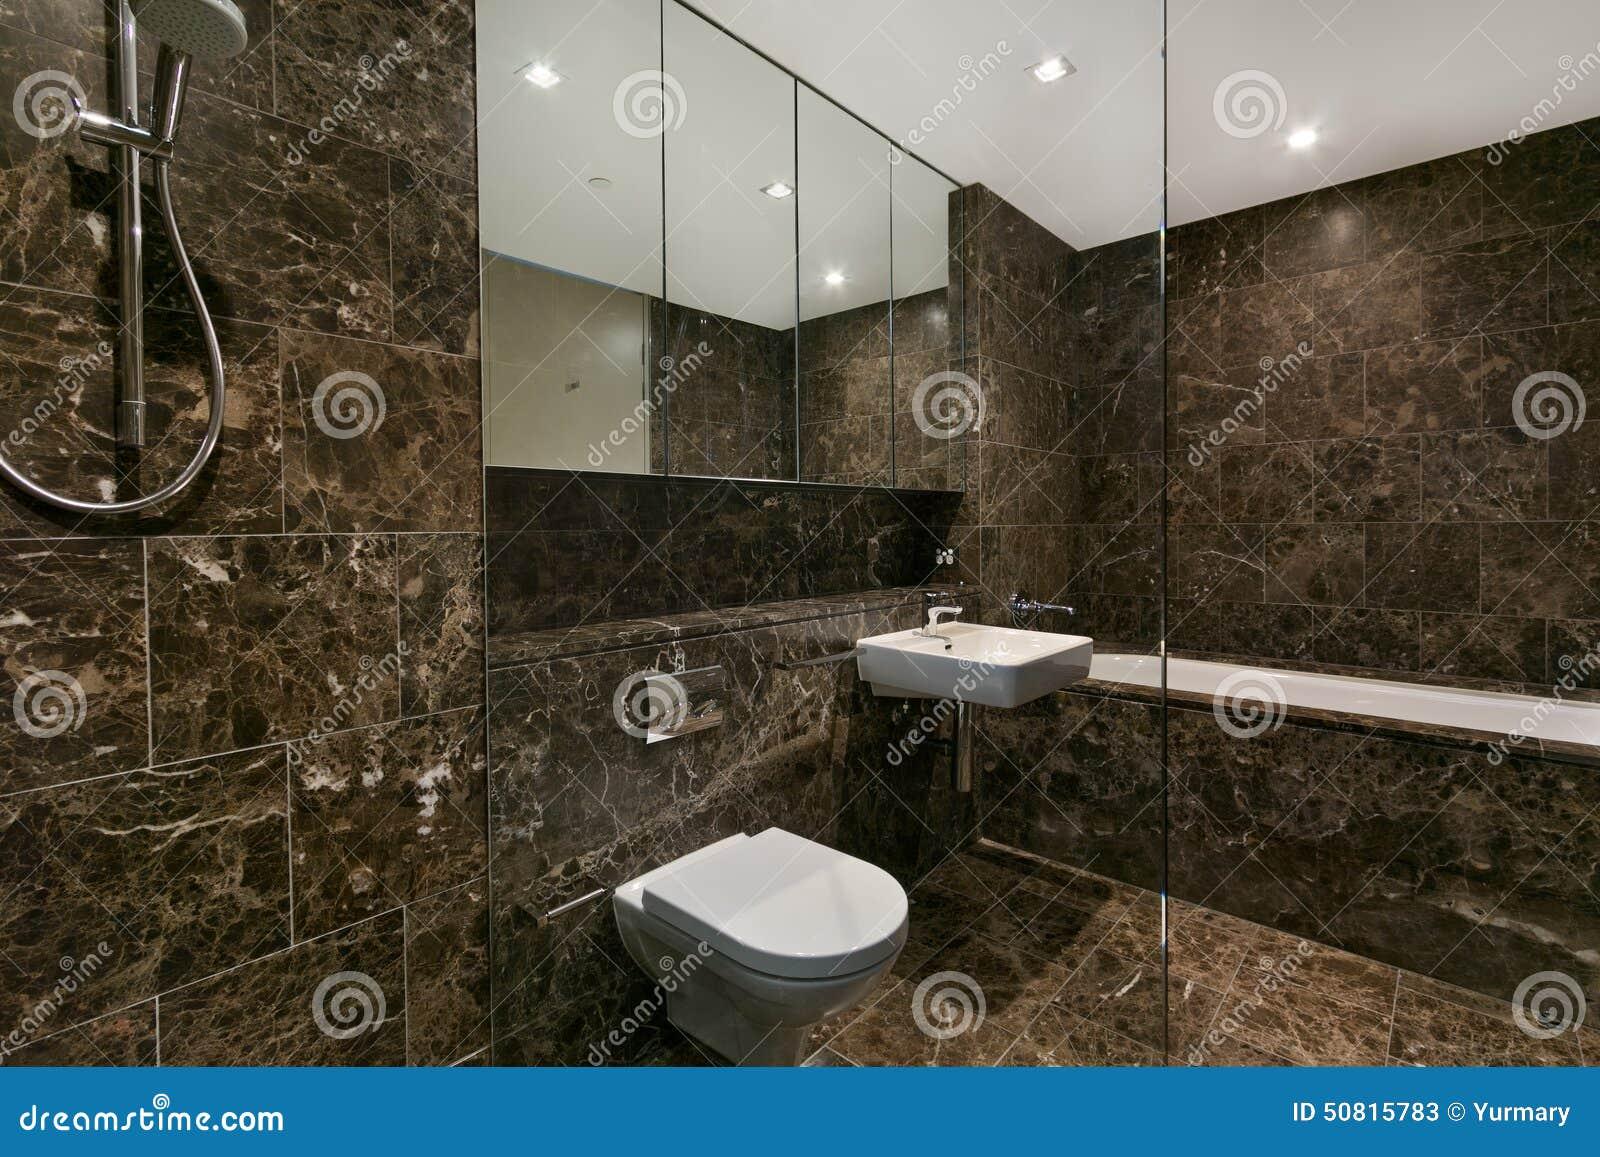 Bagno Moderno In Appartamento Di Lusso Fotografia Stock - Immagine: 50815783